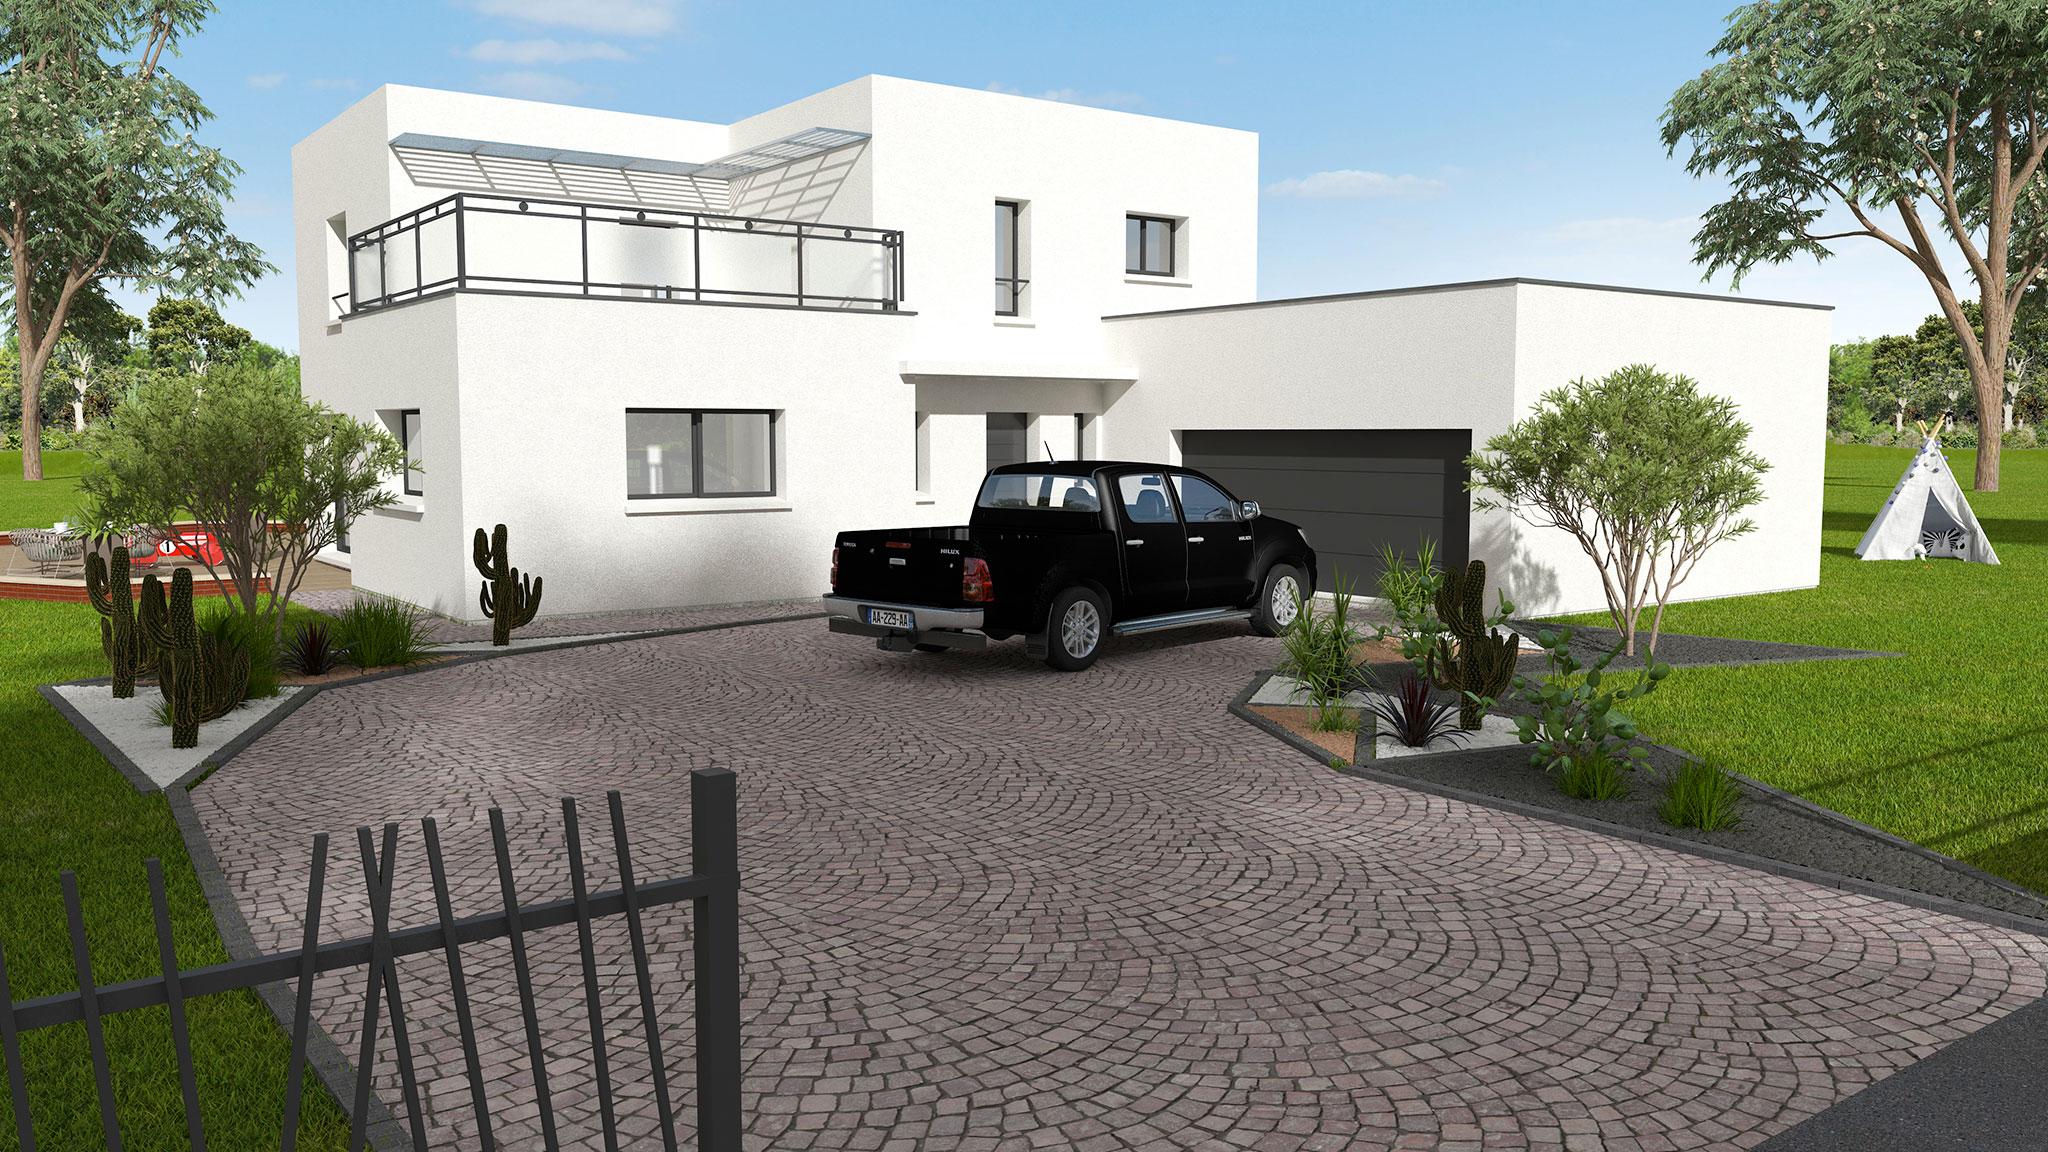 Mod le de maison contemporaine en indre et loire dmo constructions - Descriptif construction maison individuelle ...